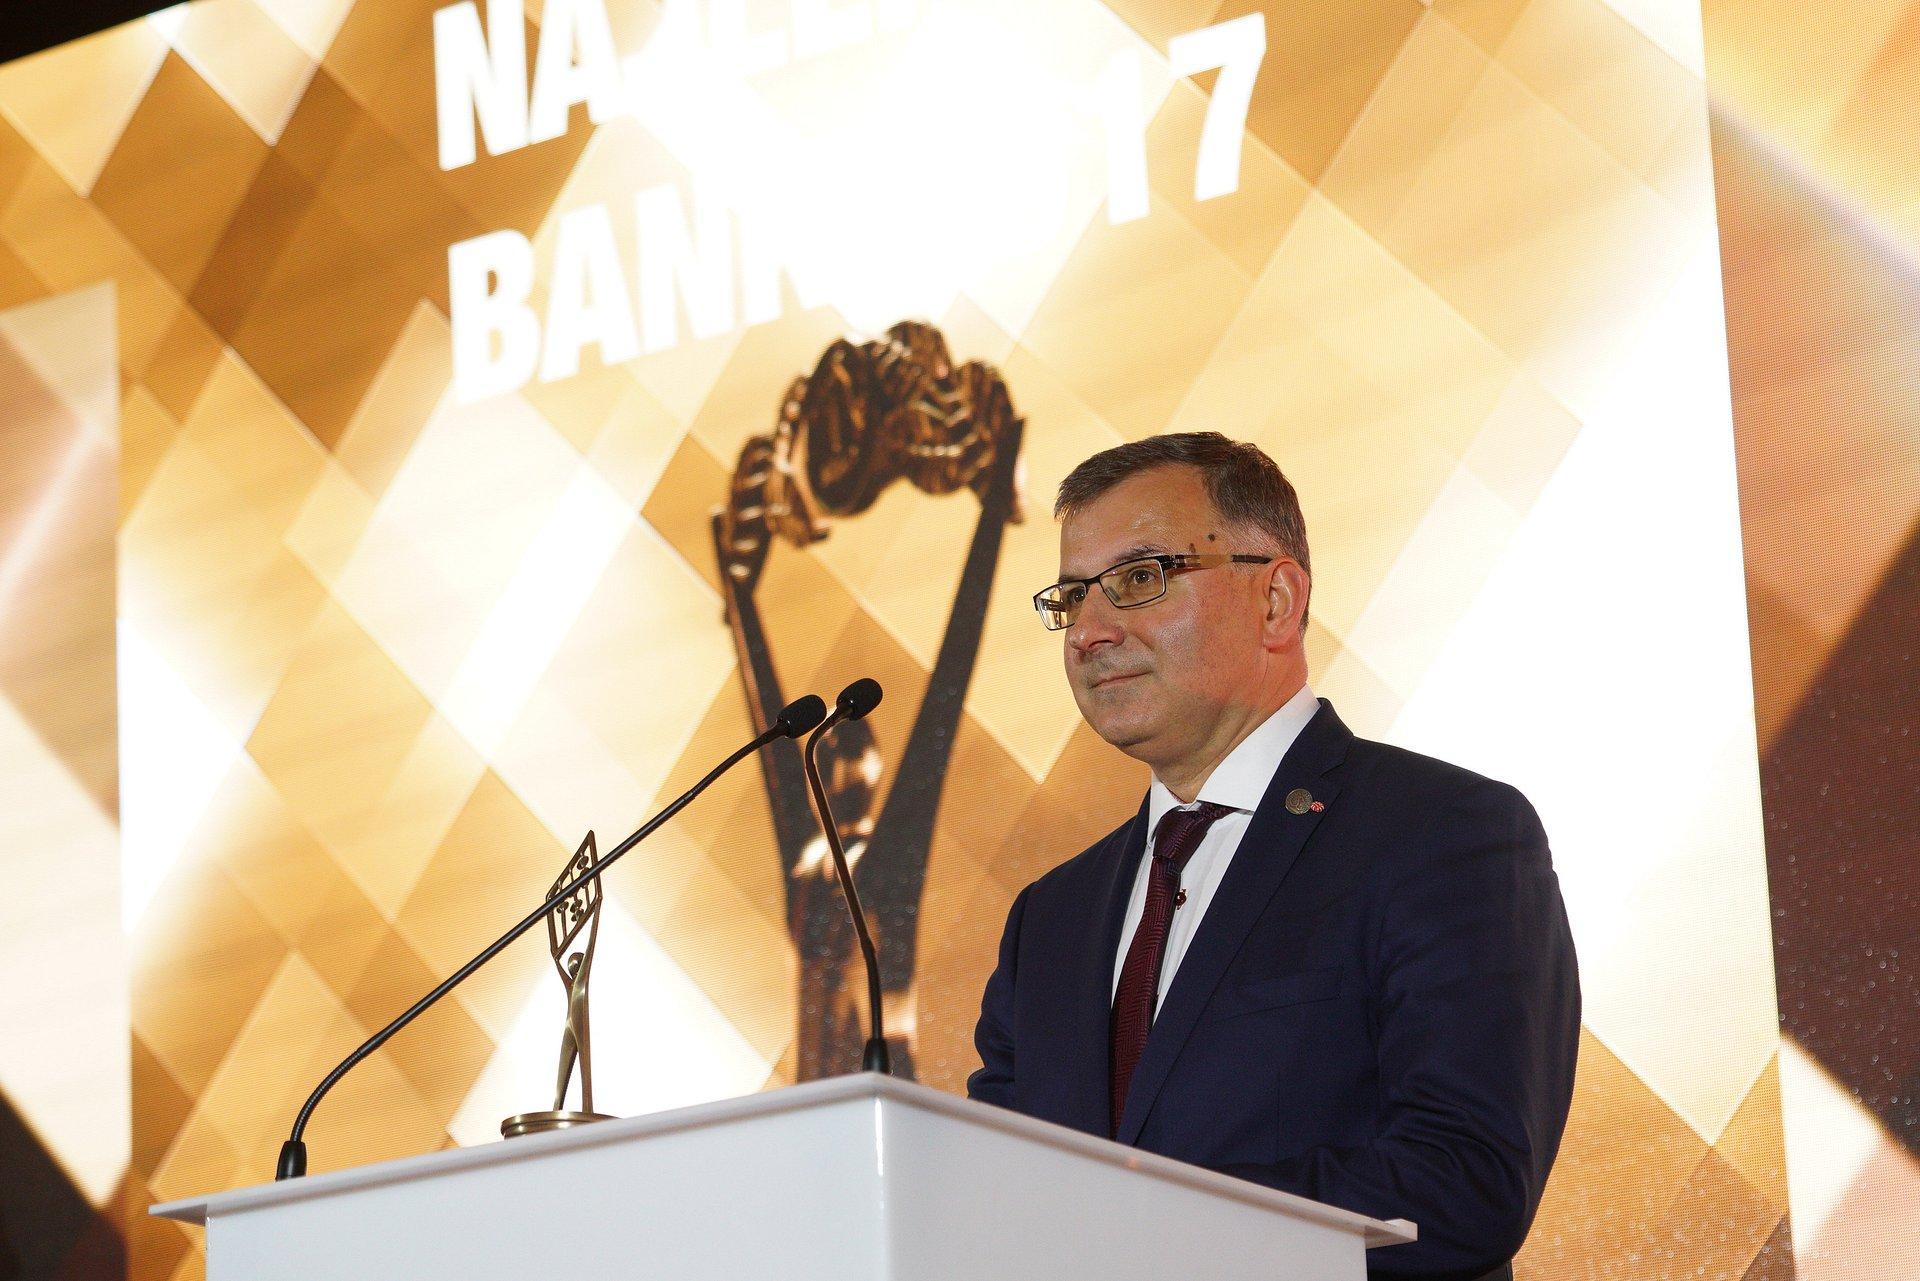 Zbigniew Jagiełło Bankowym Menedżerem Roku 2016